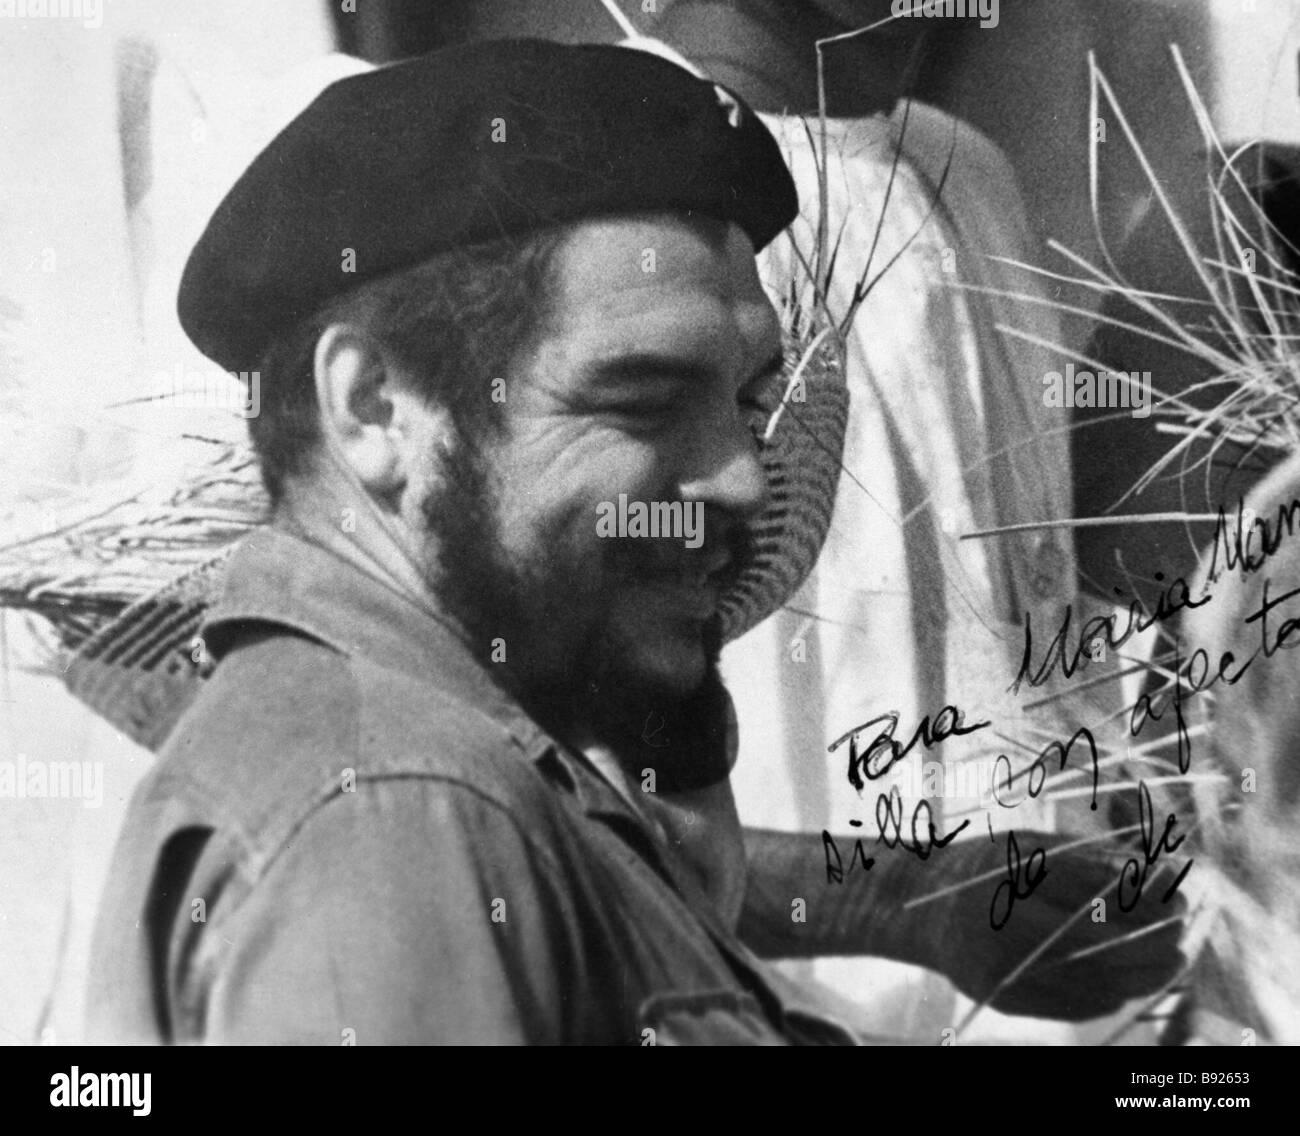 Der lateinamerikanische revolutionäre Teilnehmer in der kubanischen Revolution Ernesto Che Gevara Stockbild